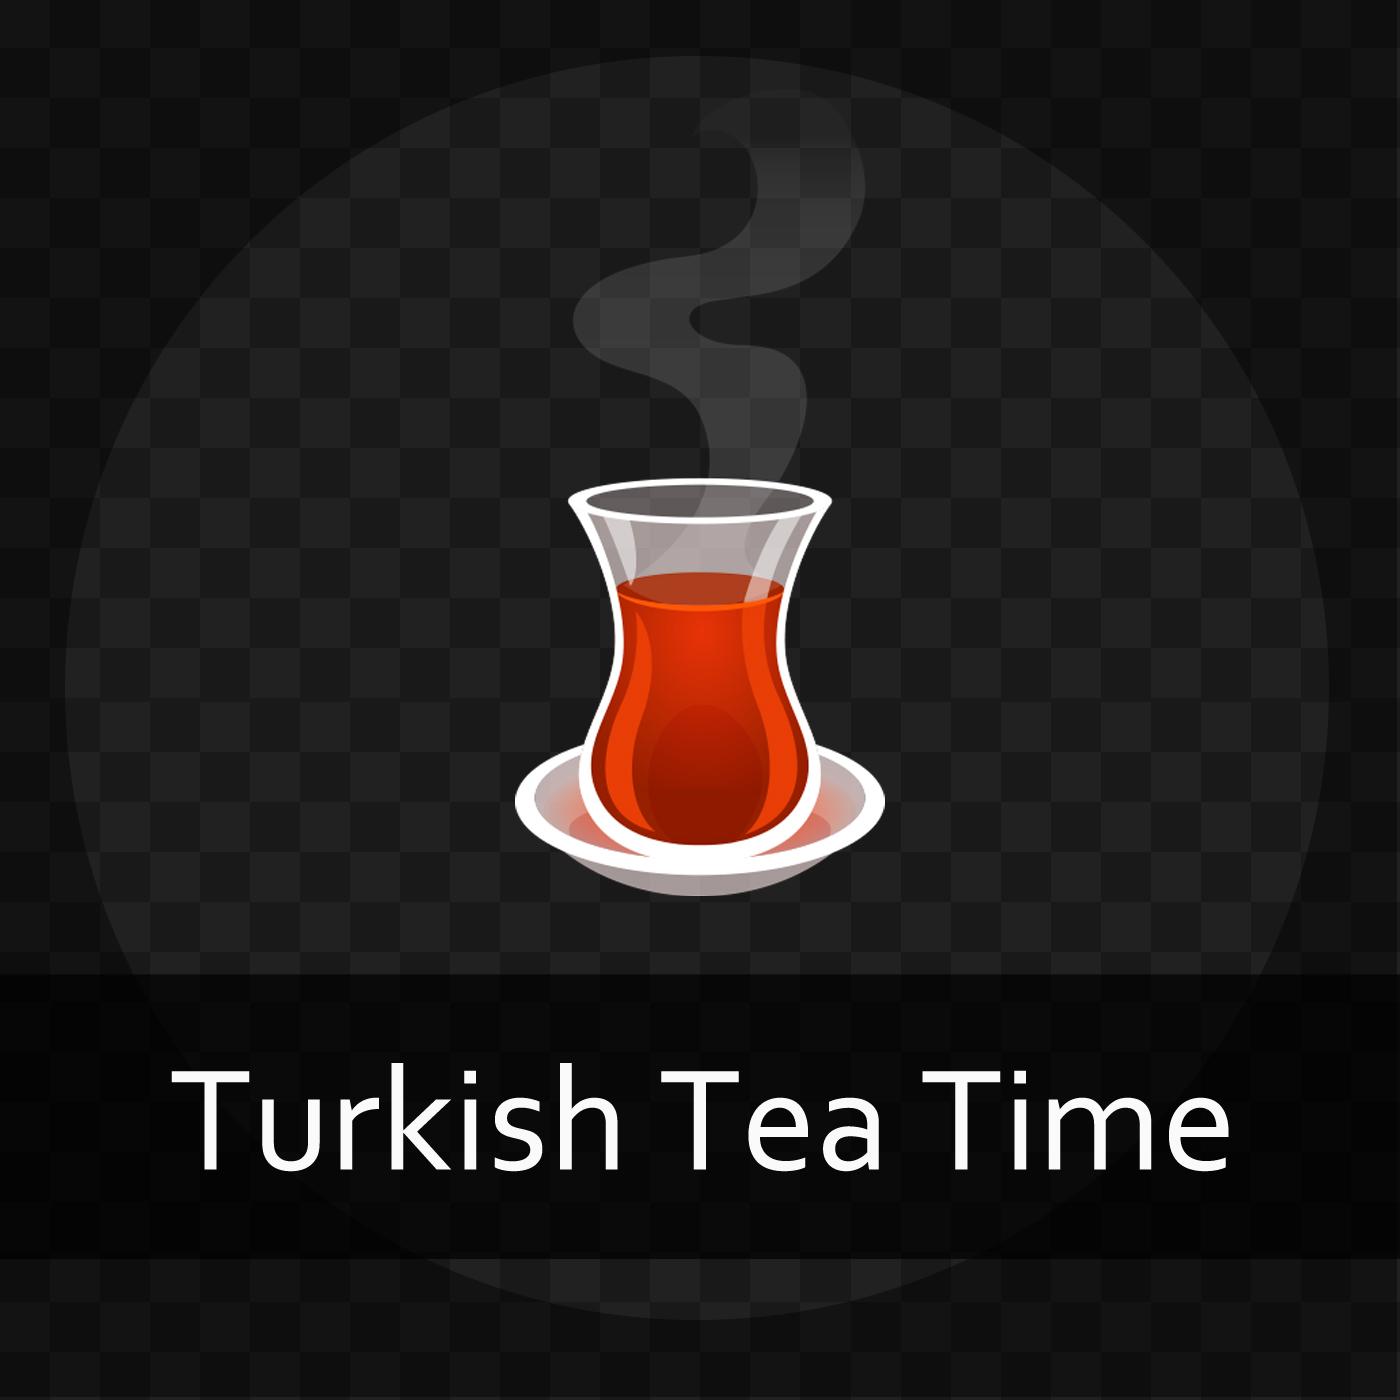 Turkish Tea Time